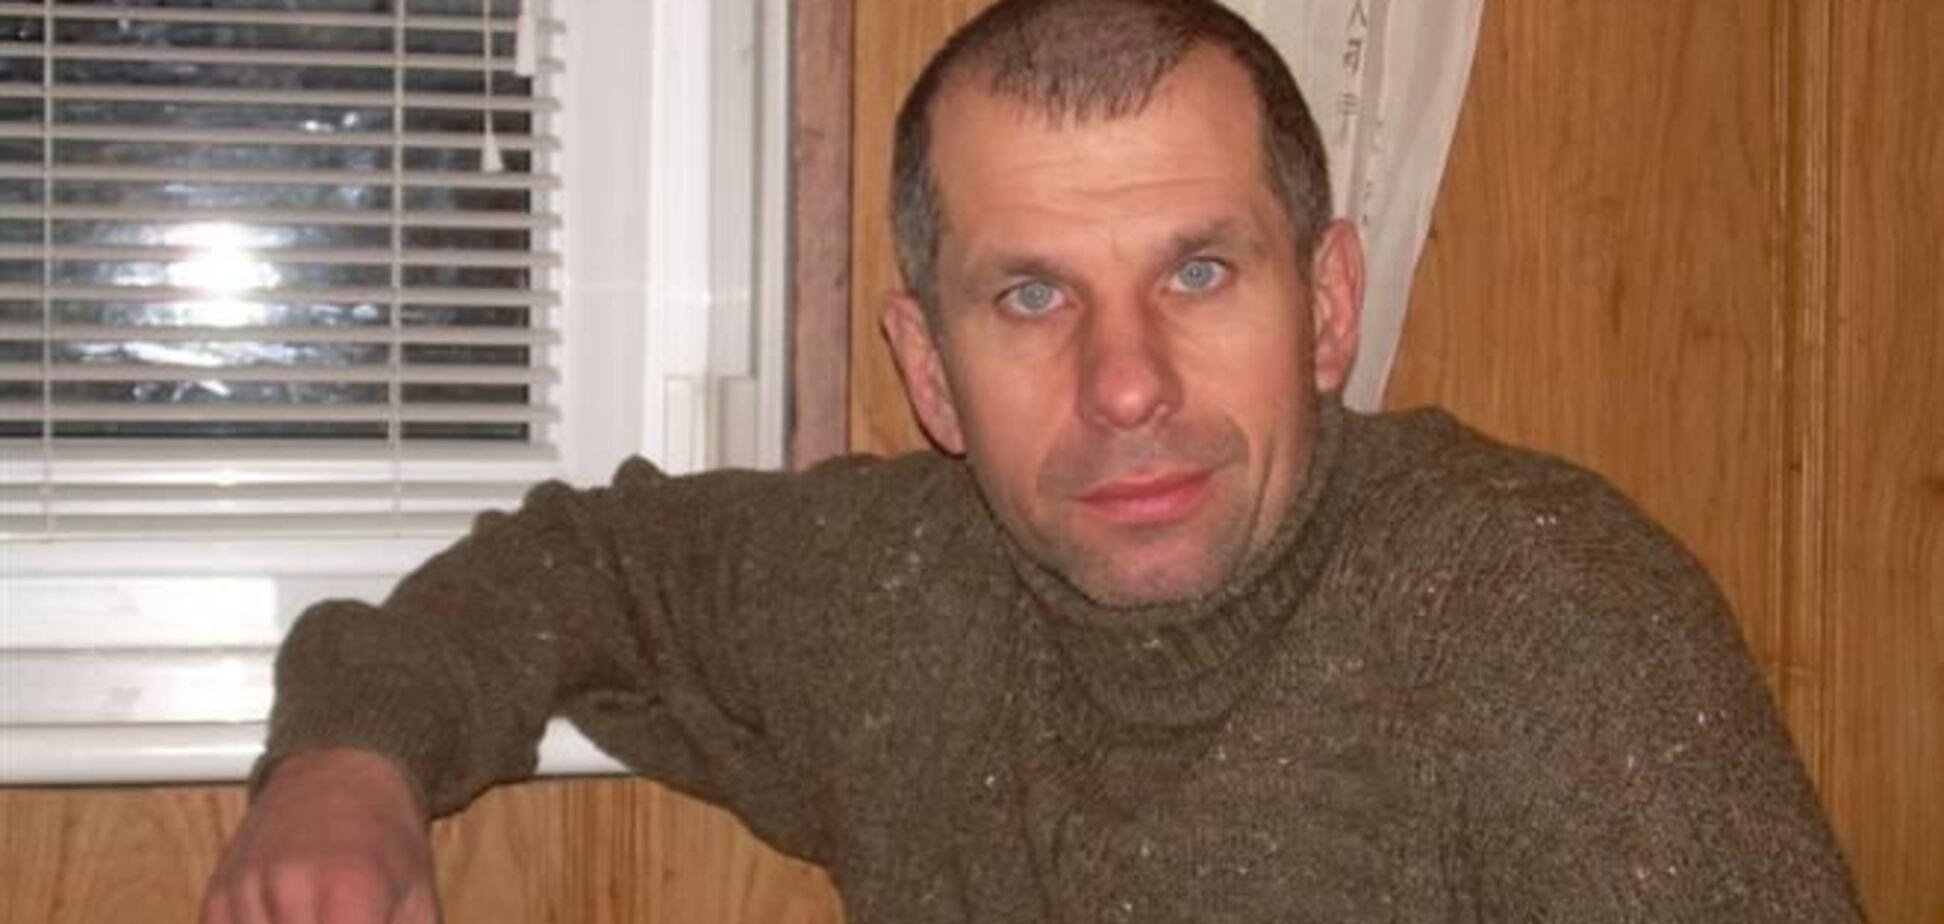 МВС Росії заплатить 1 млн рублів за місцезнаходження в Україні наркобарона Титова